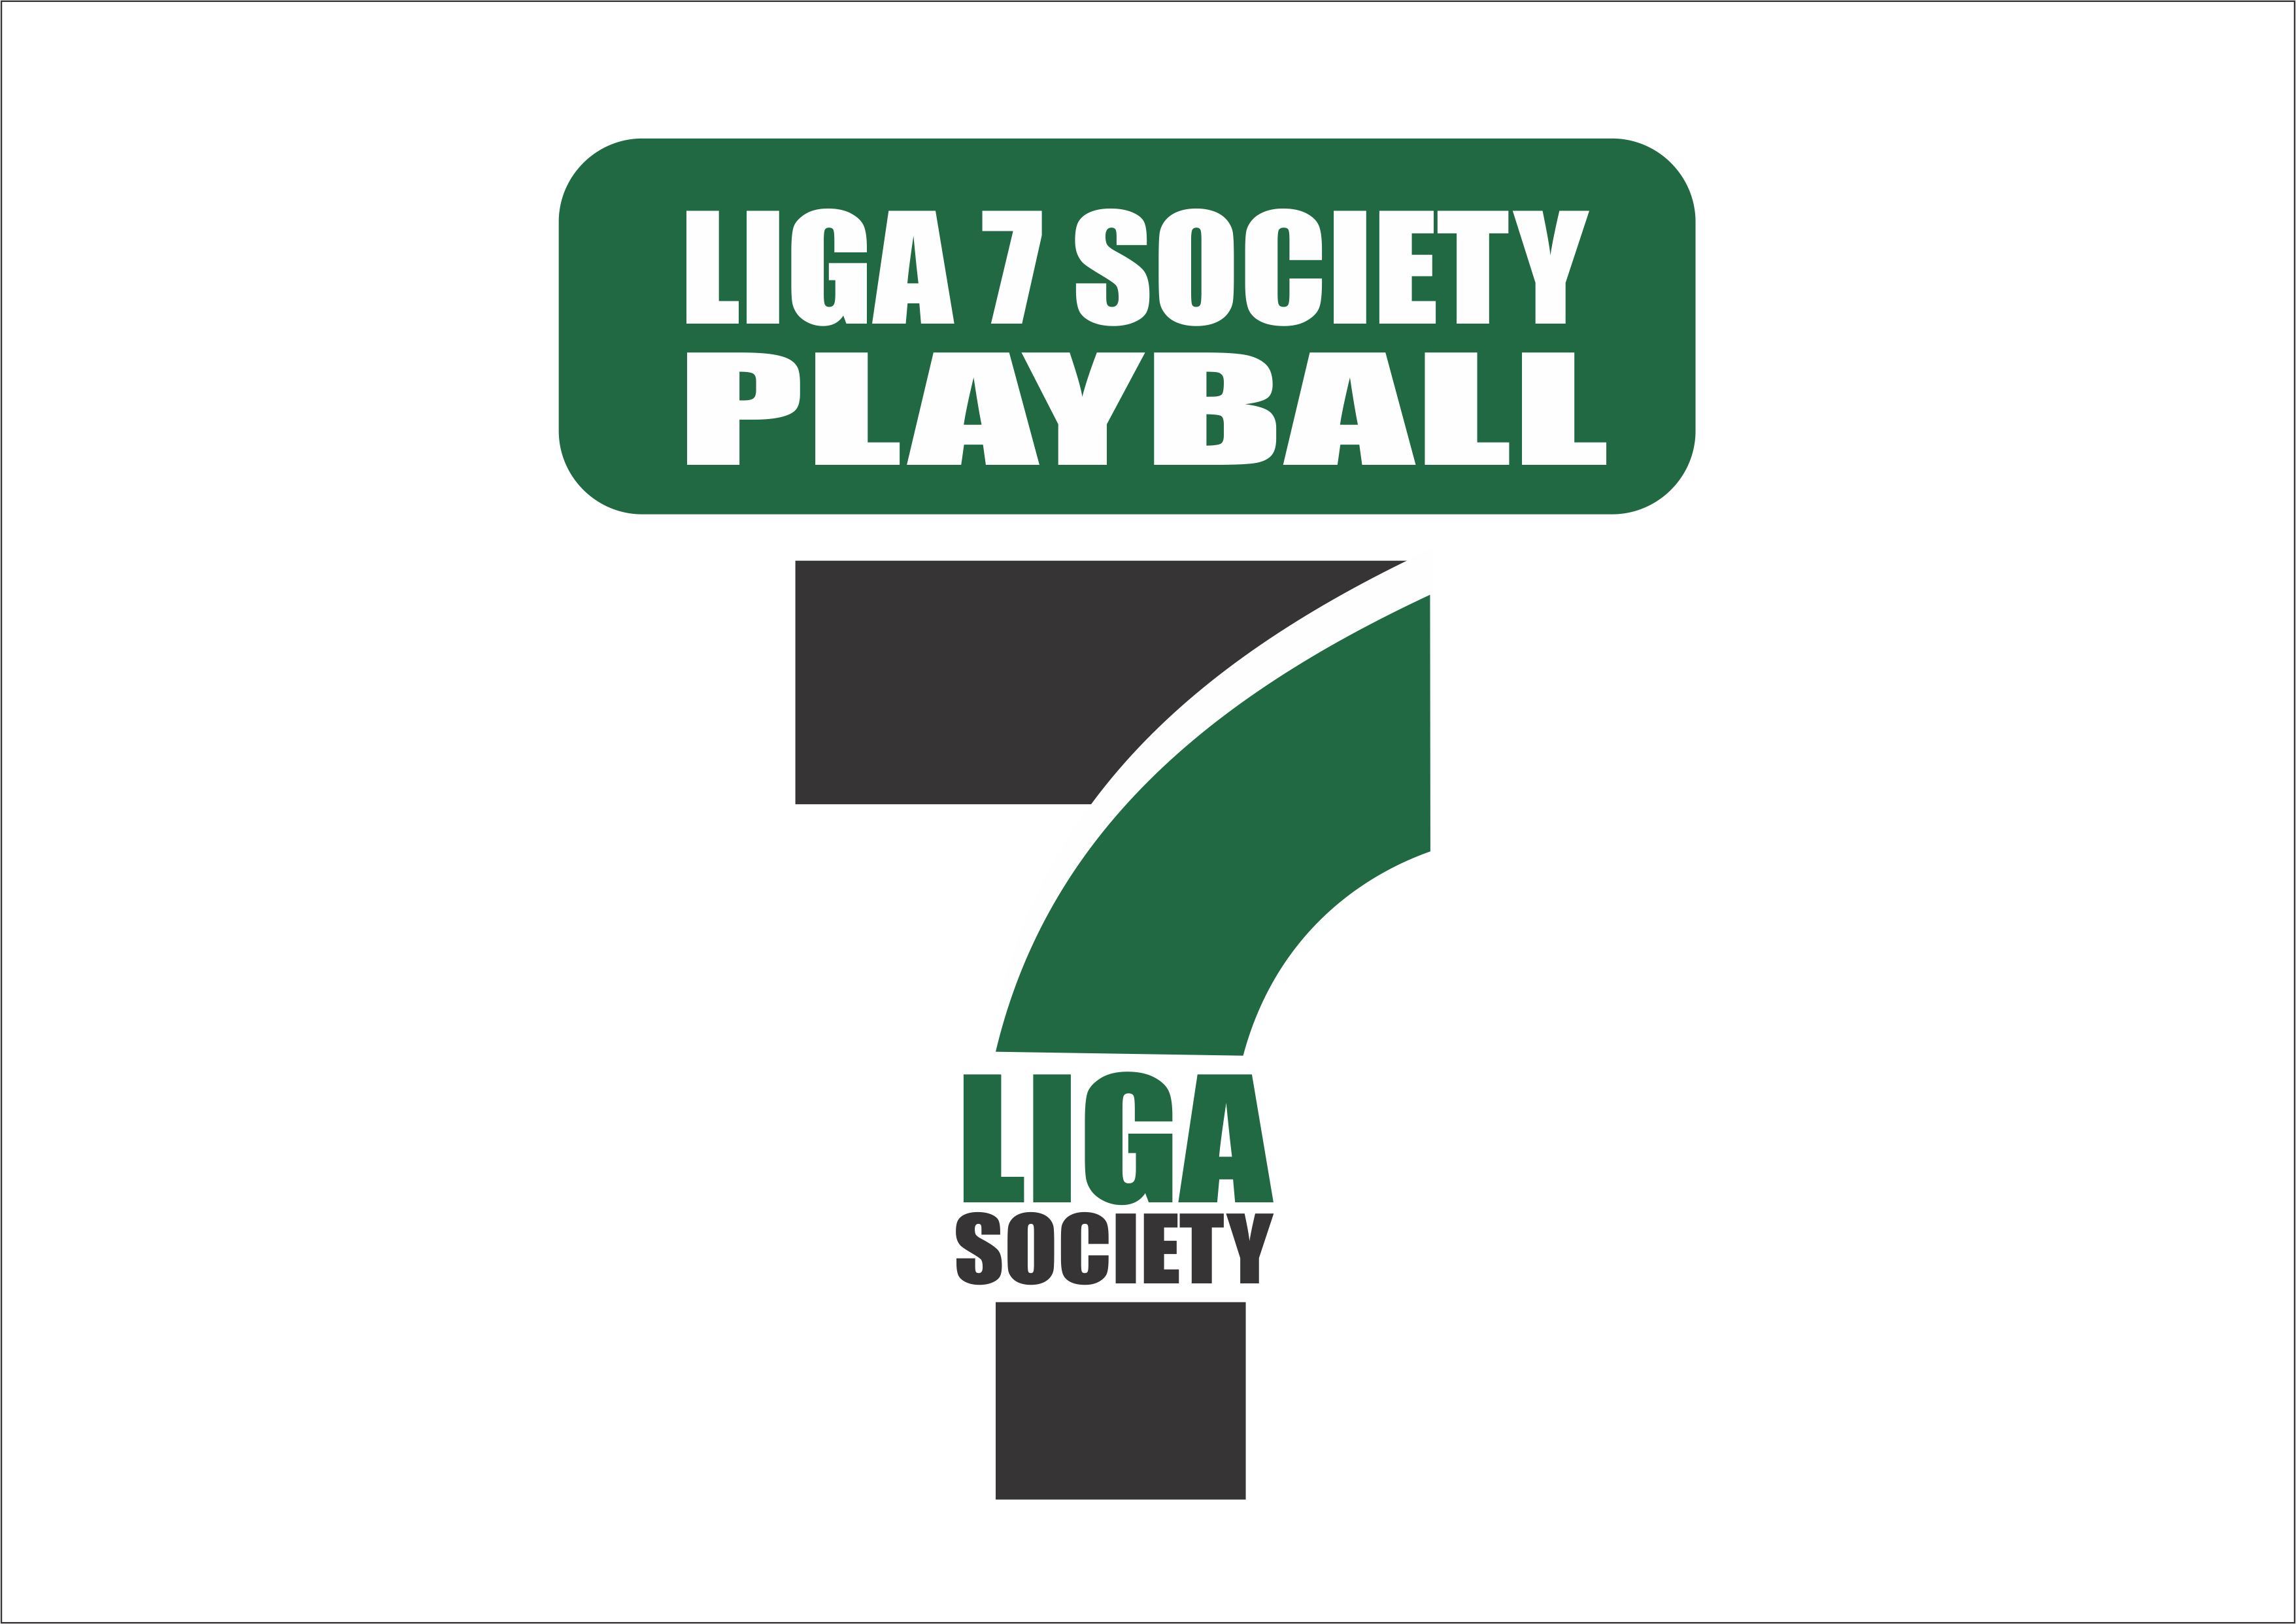 III Liga 7 Série B de Futebol 7 Society